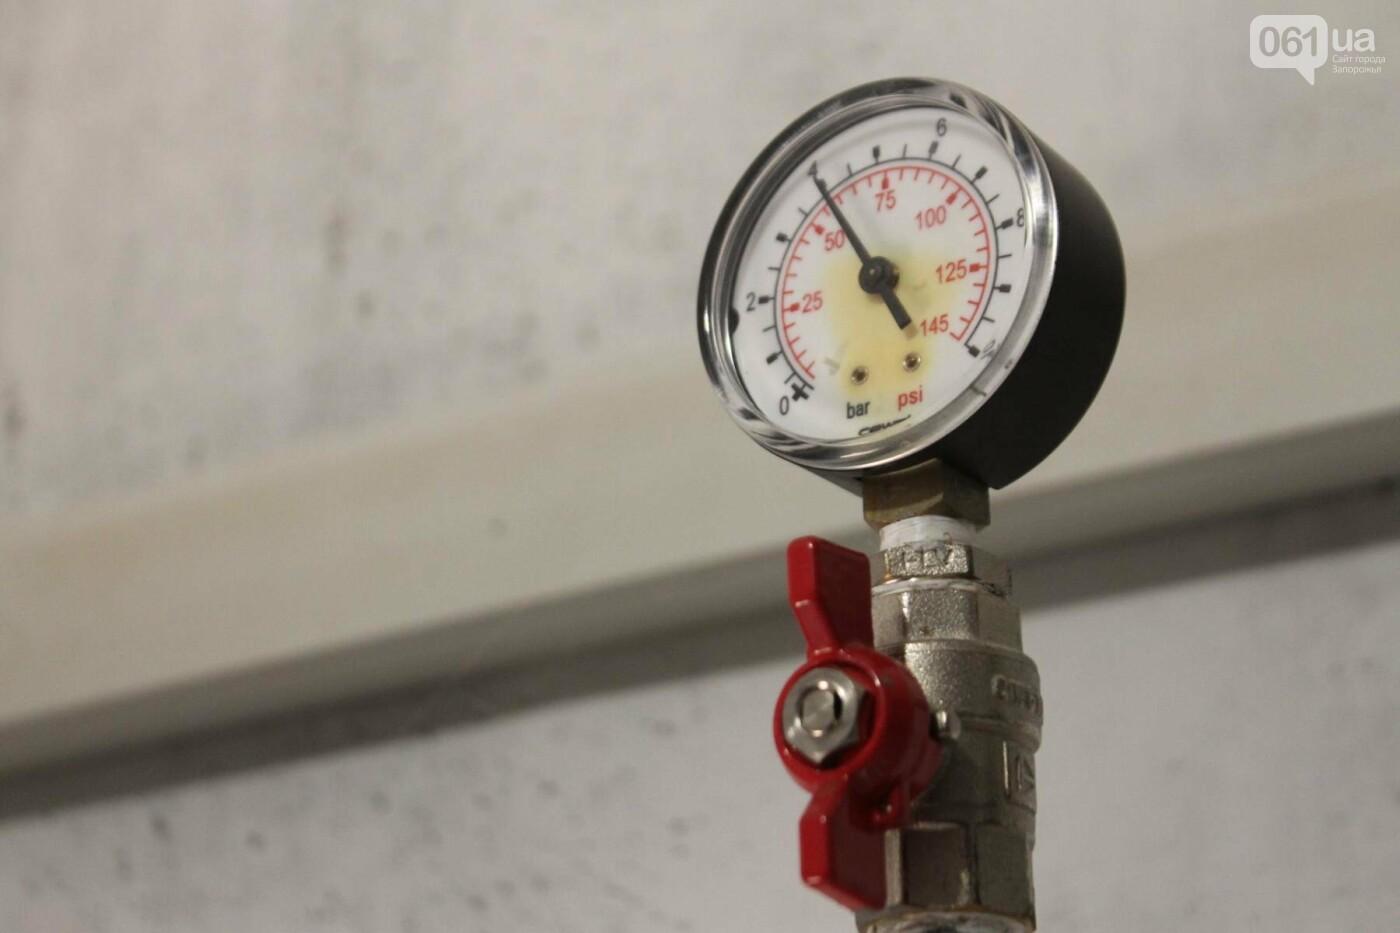 Сам себе хозяин: как запорожские ОСМД занимаются энергосбережением и значительно экономят на тарифах, — ФОТО, фото-5